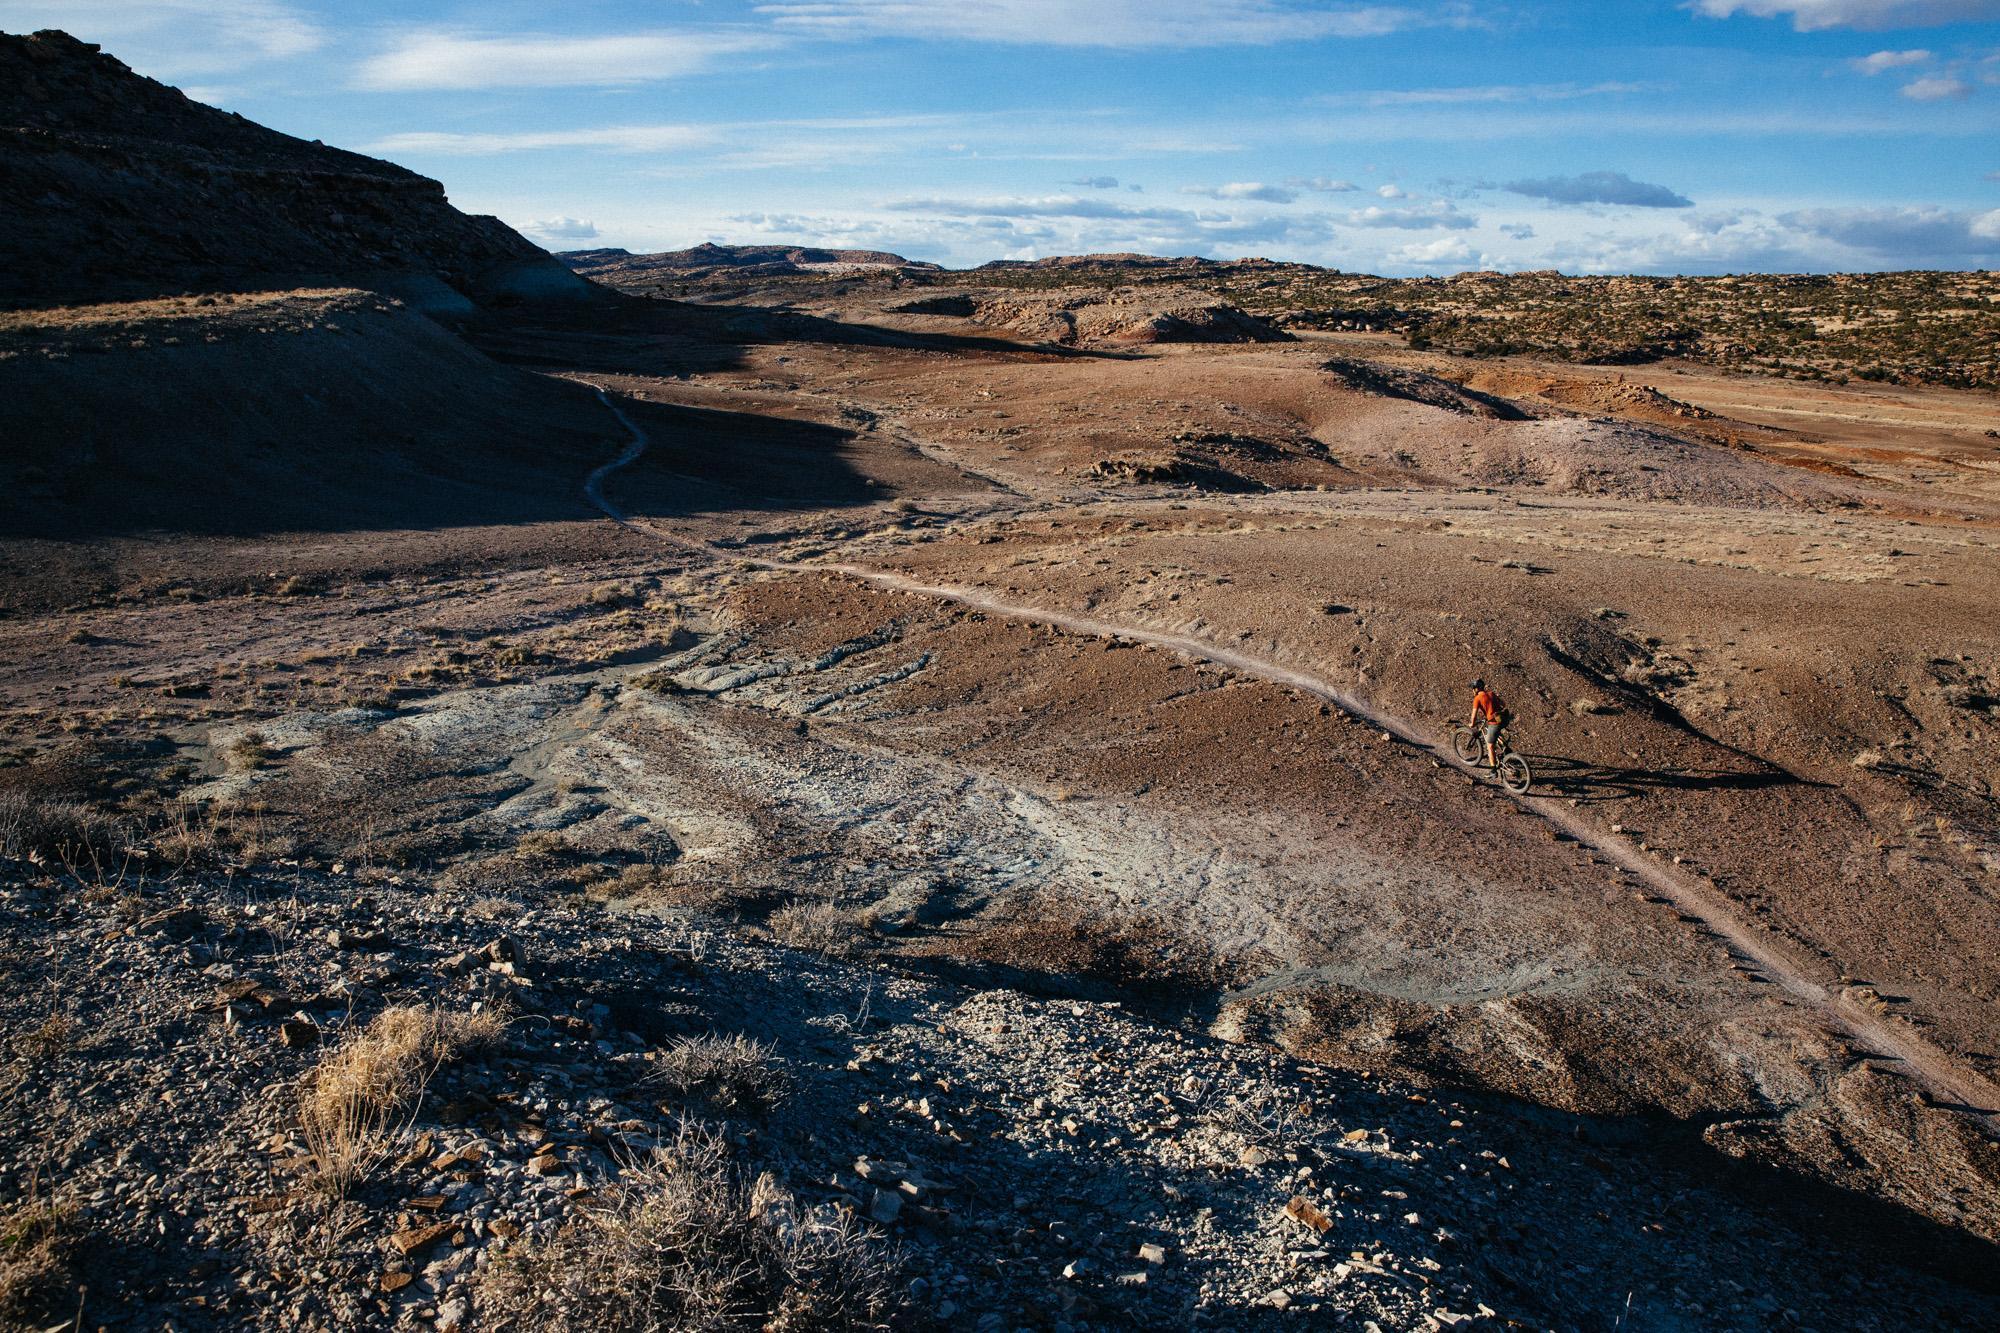 Manganese hills